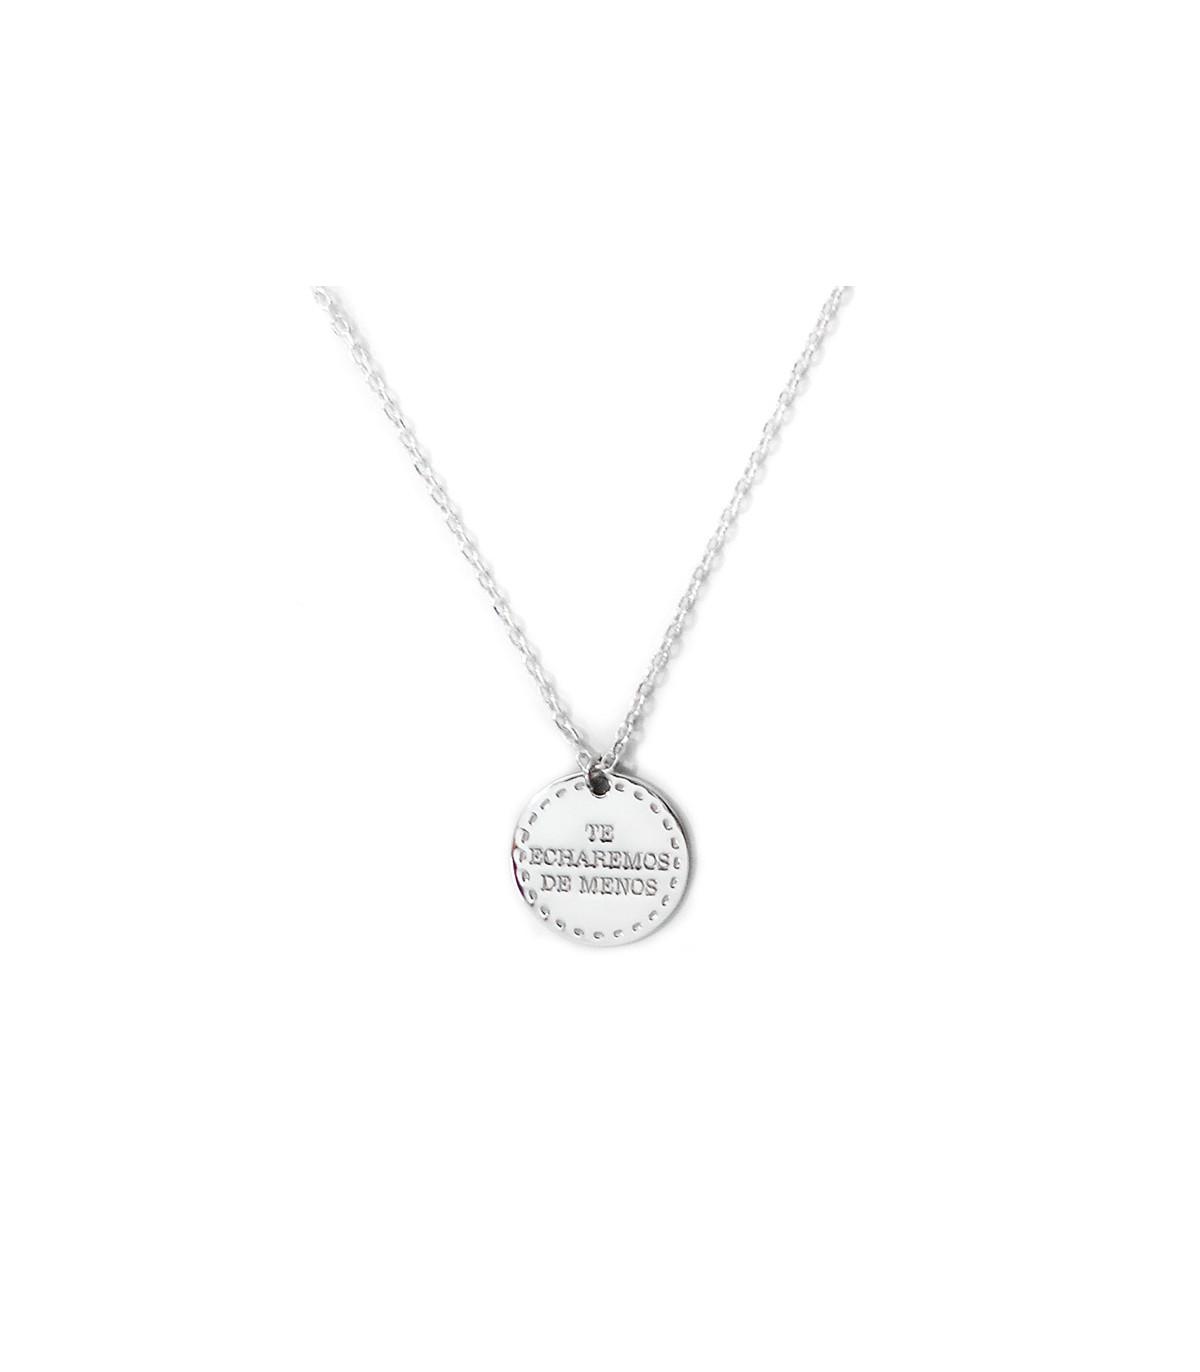 02aee01e9c23 Collar de plata personalizado Base con medalla para grabar. Joyas ...